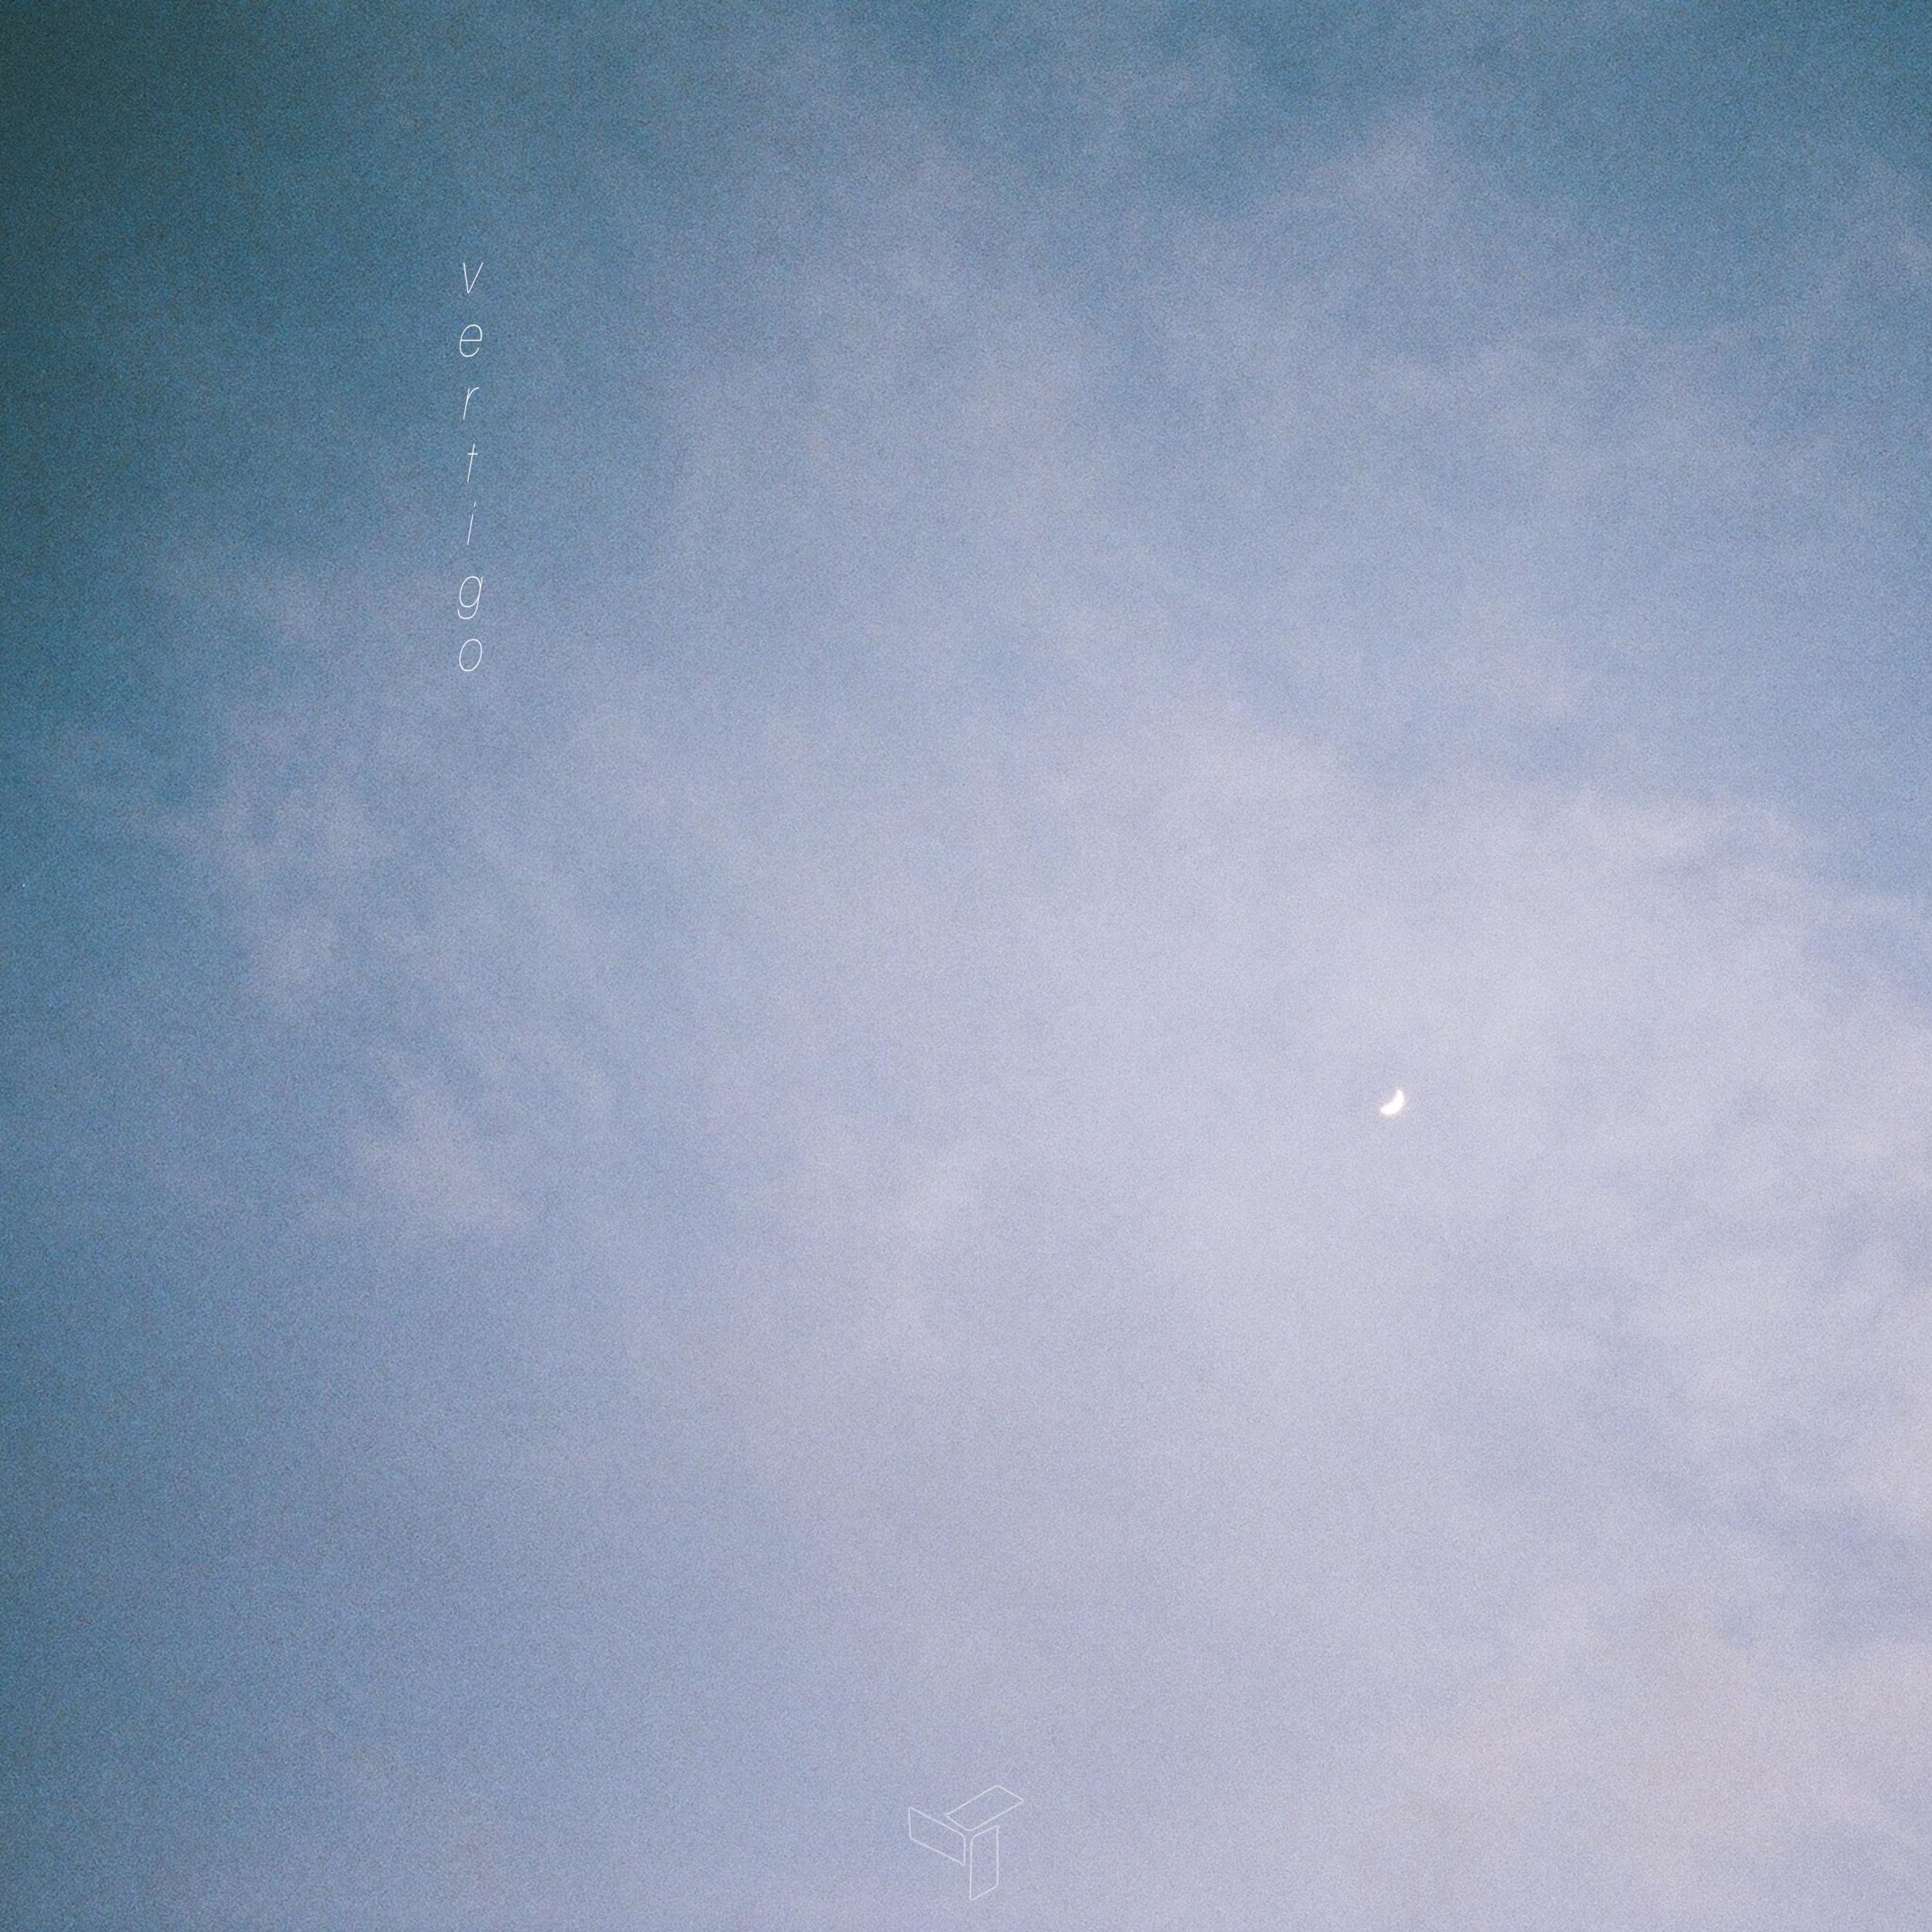 http://ftrbnd.co/vertigo